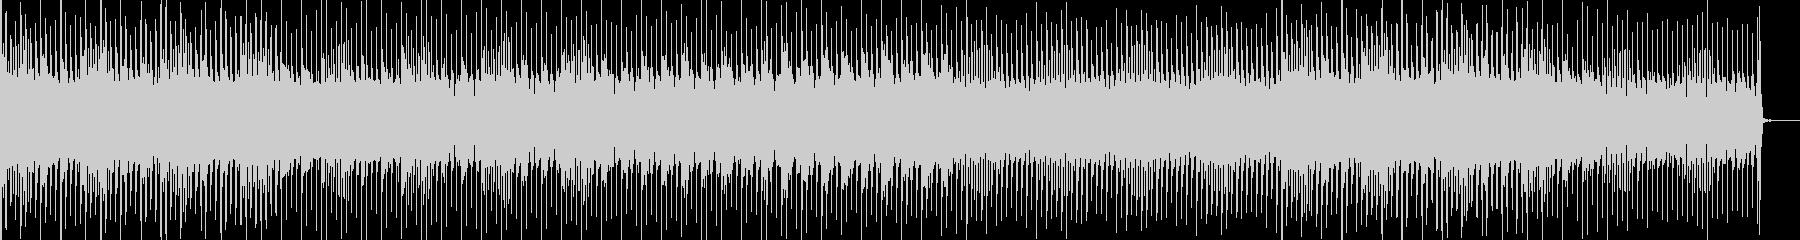 浮遊感のあるエレクトロポップのんの未再生の波形